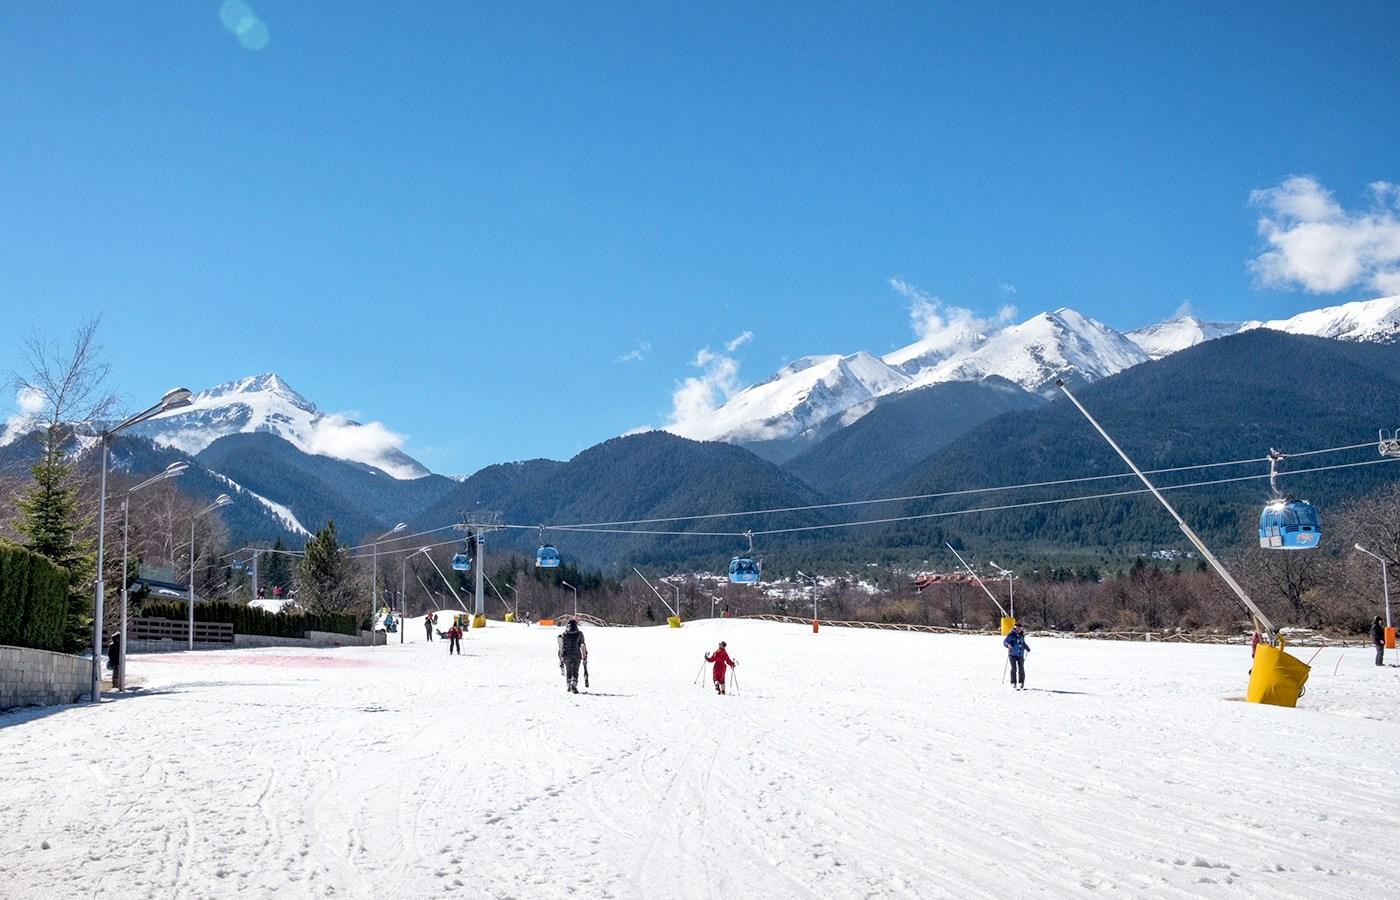 Skiers on the slopes at Bansko ski resort